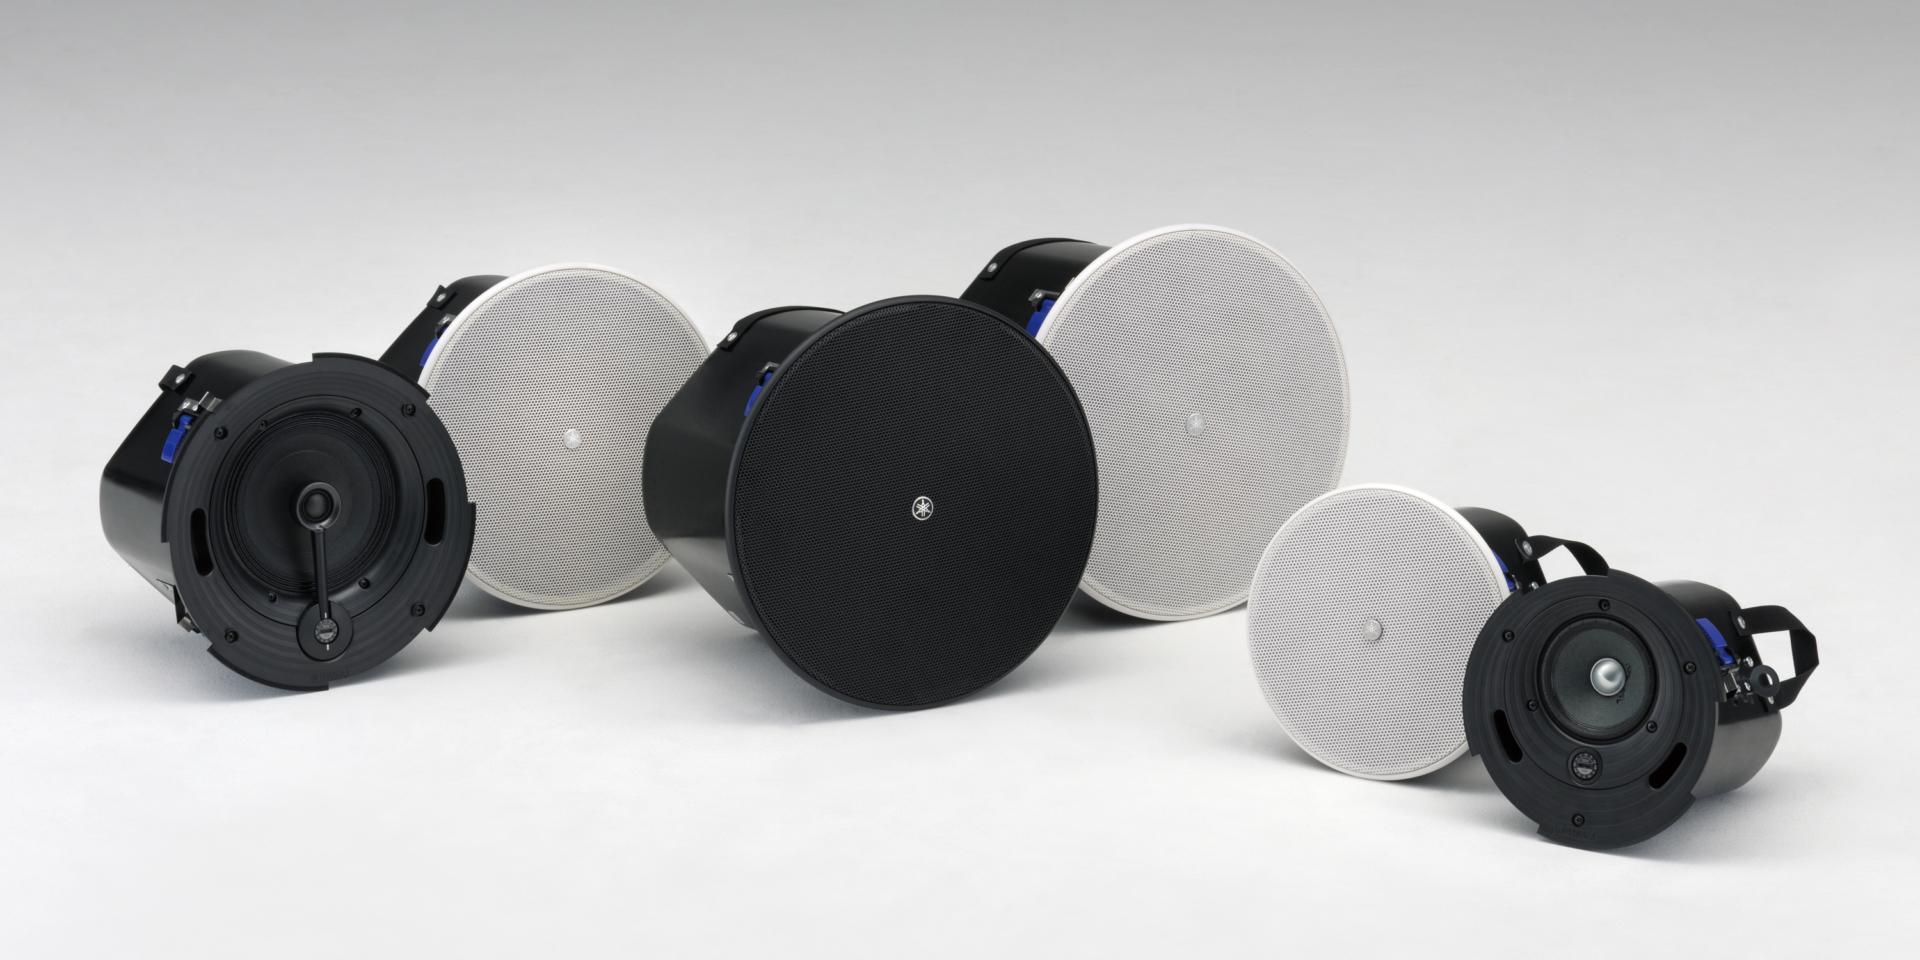 La nuova line-up di speaker passivi Yamaha VXC è l'ideale per tutte quelle applicazioni rivolte al mercato delle installazioni. Dotati di inserti anti-scivolo per l'alloggiamento a incasso, che ne rendono il montaggio semplice e sicuro, gli altoparlanti di questa serie comprendono una gamma completa di modelli disponibili sia in bianco che in nero, con la possibilità di essere verniciati per un migliore inserimento nell'ambiente.